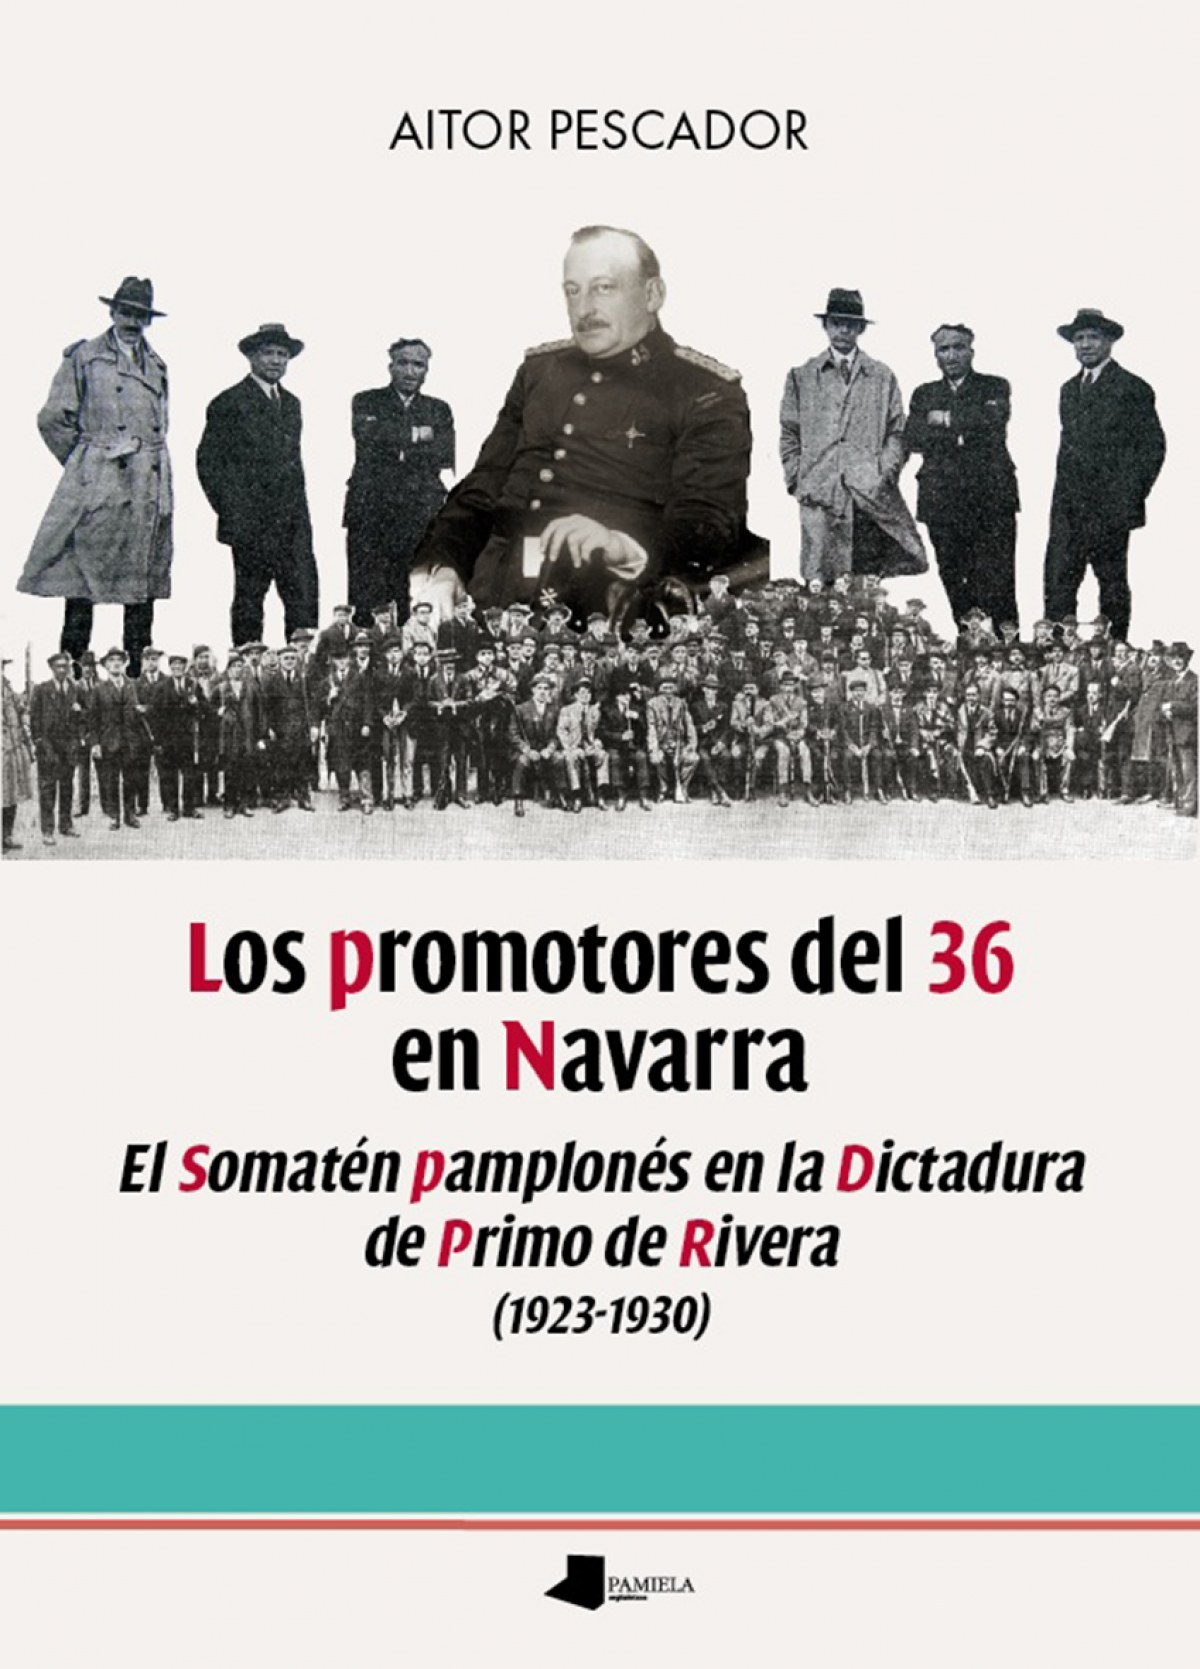 LOS PROMOTORES DEL 36 EN NAVARRA